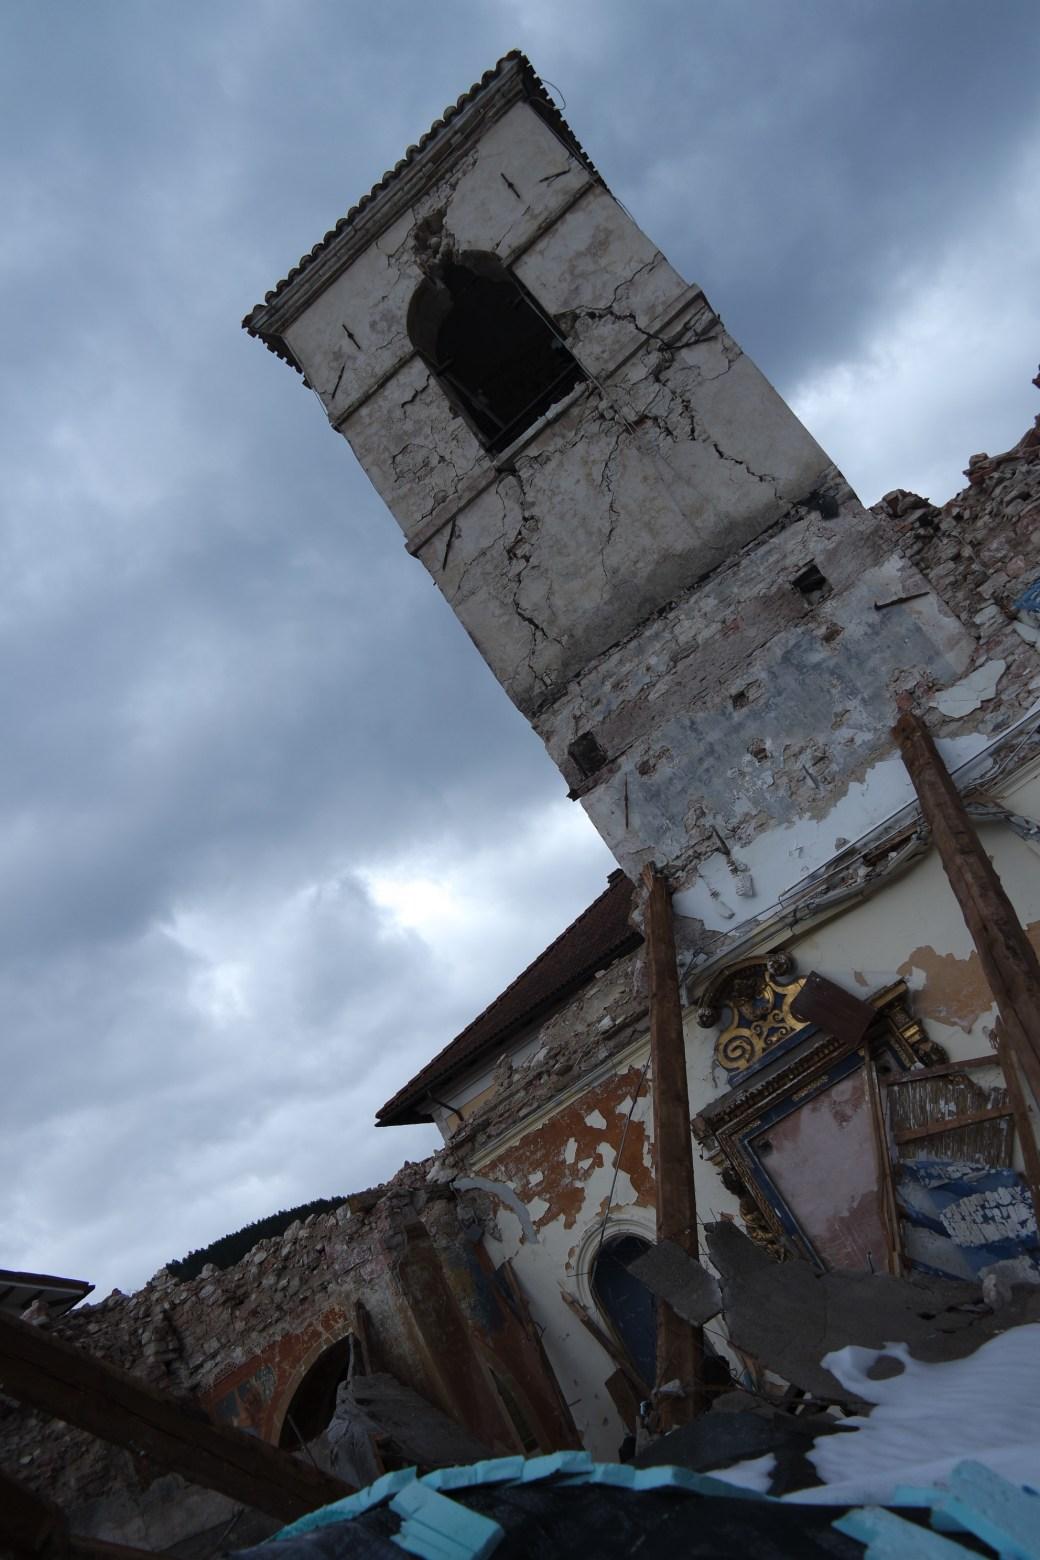 chiesetta crollata alle porte di Visso - foto Marco Costarelli